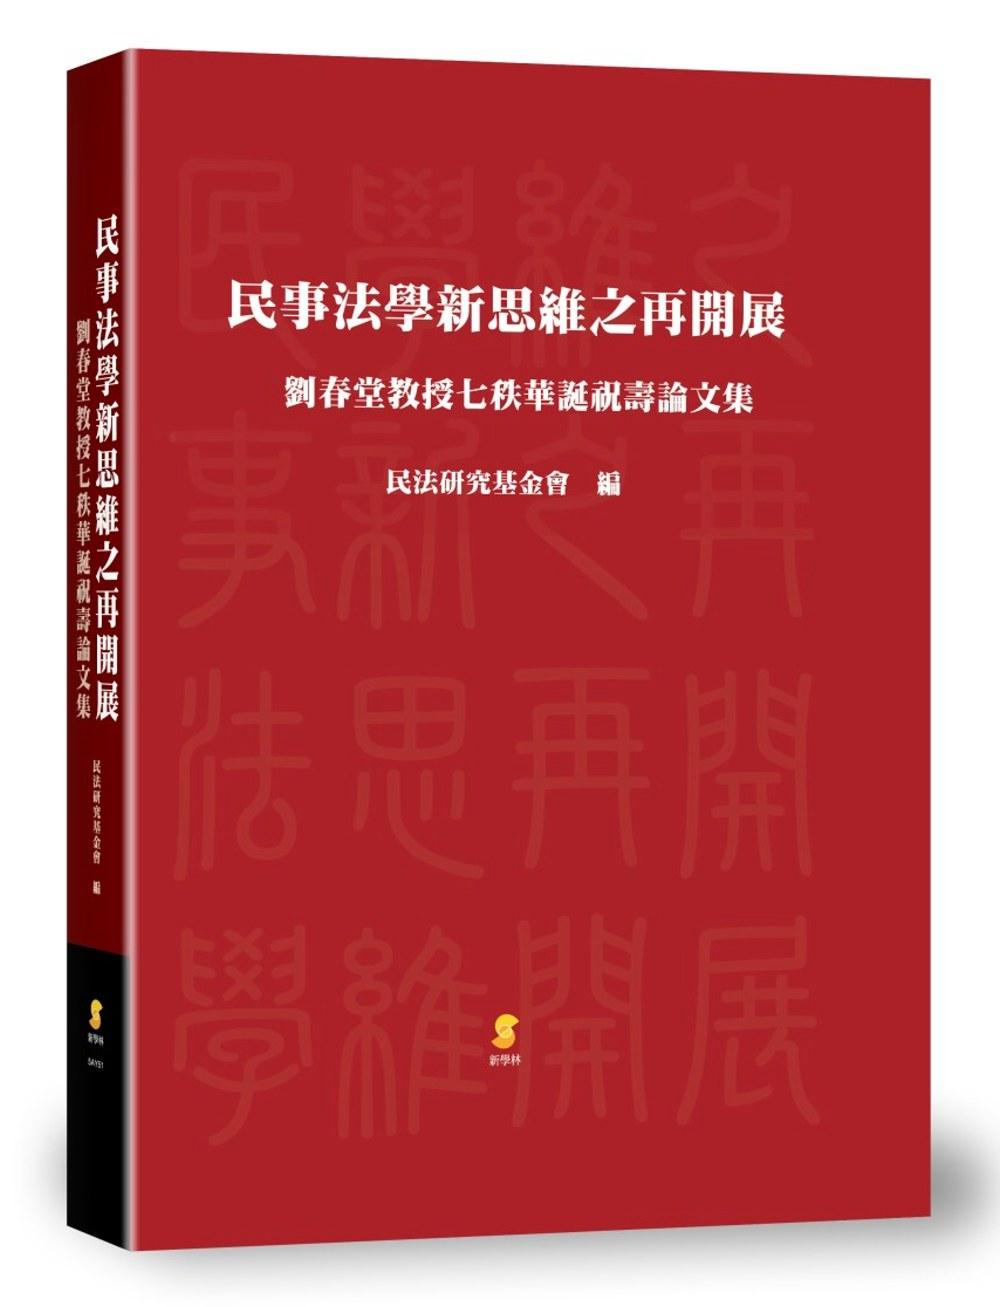 ◤博客來BOOKS◢ 暢銷書榜《推薦》民事法學新思維之再開展:劉春堂教授七秩華誕祝壽論文集